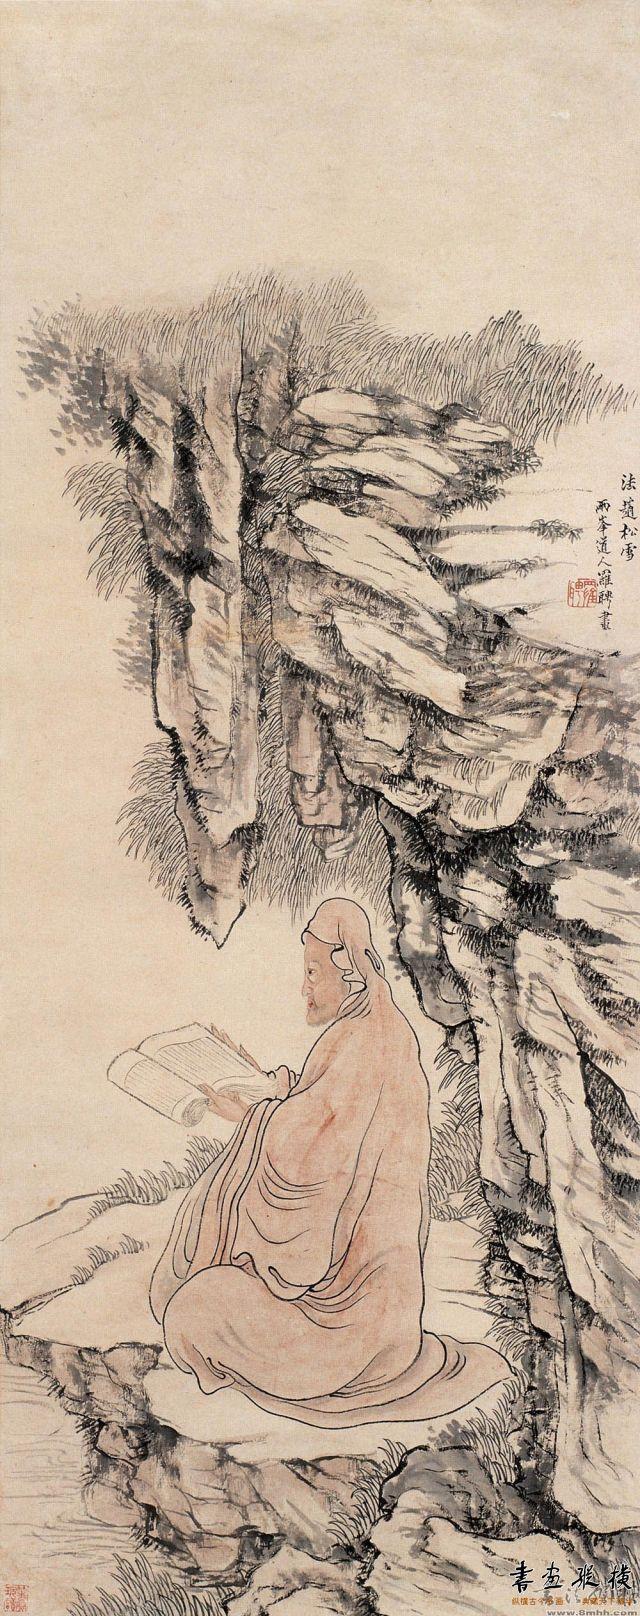 清 罗聘 达摩读易图 纸本 设色 纵84.5厘米 横34厘米